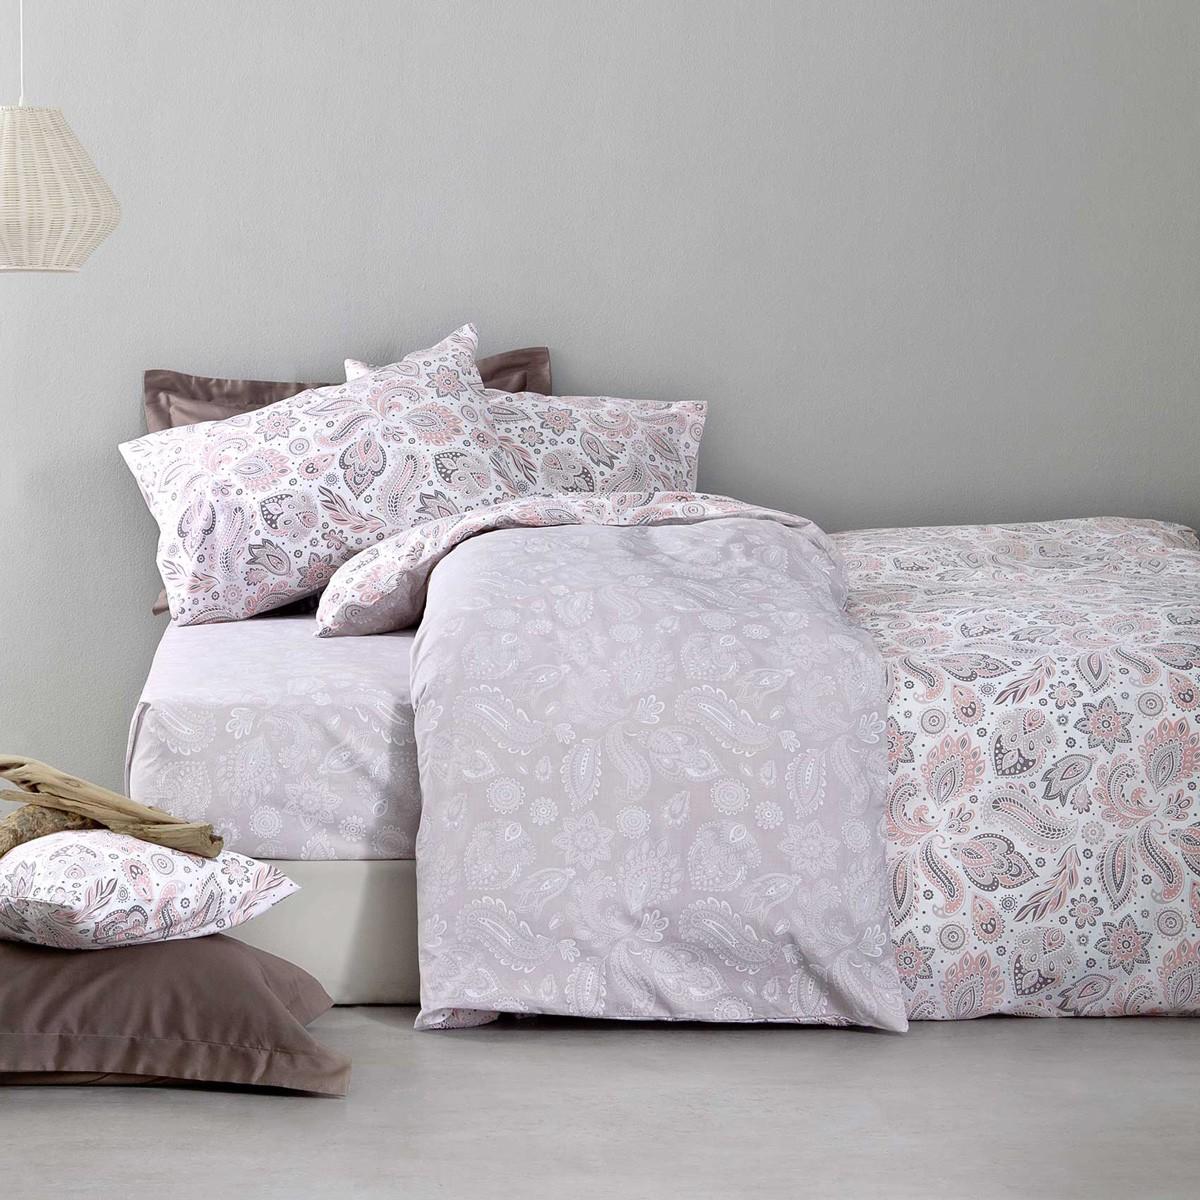 Σεντόνια Μονά (Σετ) Nima Bed Linen Delhi Pink ΧΩΡΙΣ ΛΑΣΤΙΧΟ ΧΩΡΙΣ ΛΑΣΤΙΧΟ